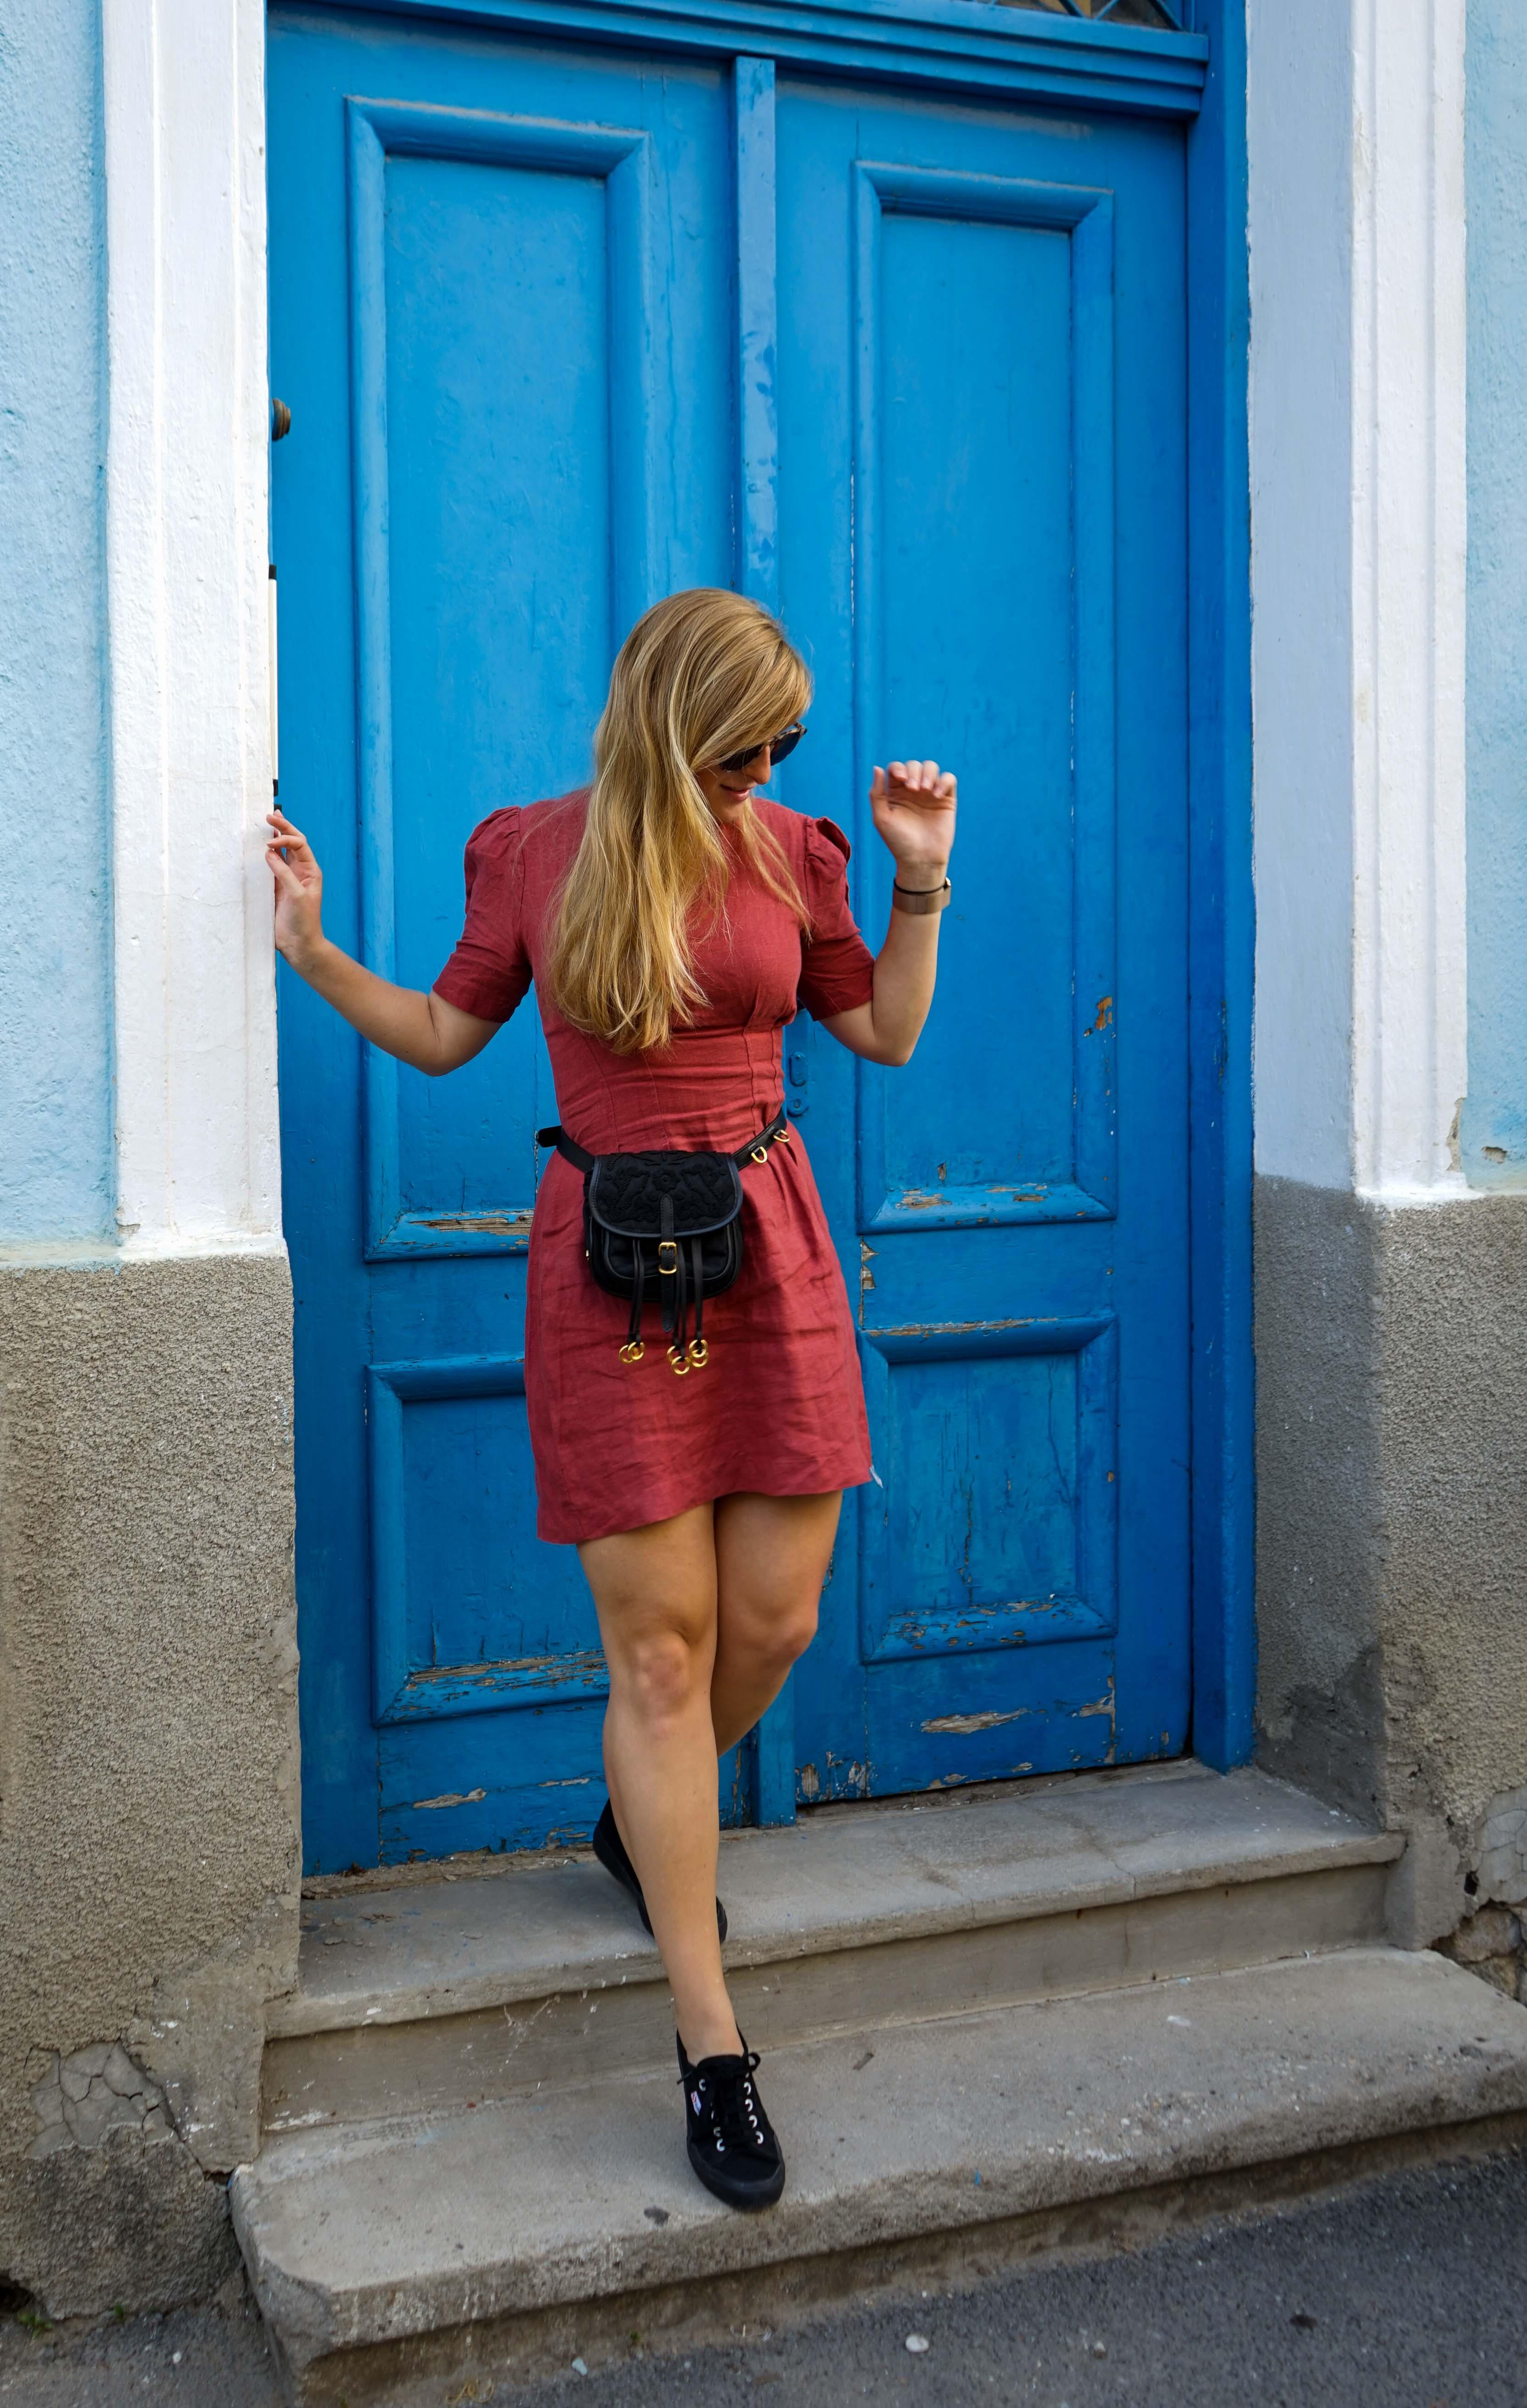 Top 10 Tipps Hermannstadt Sibiu Rumänien Reiseblog Innenstadt Insider Tipps Travel Blog Brinisfashionbook